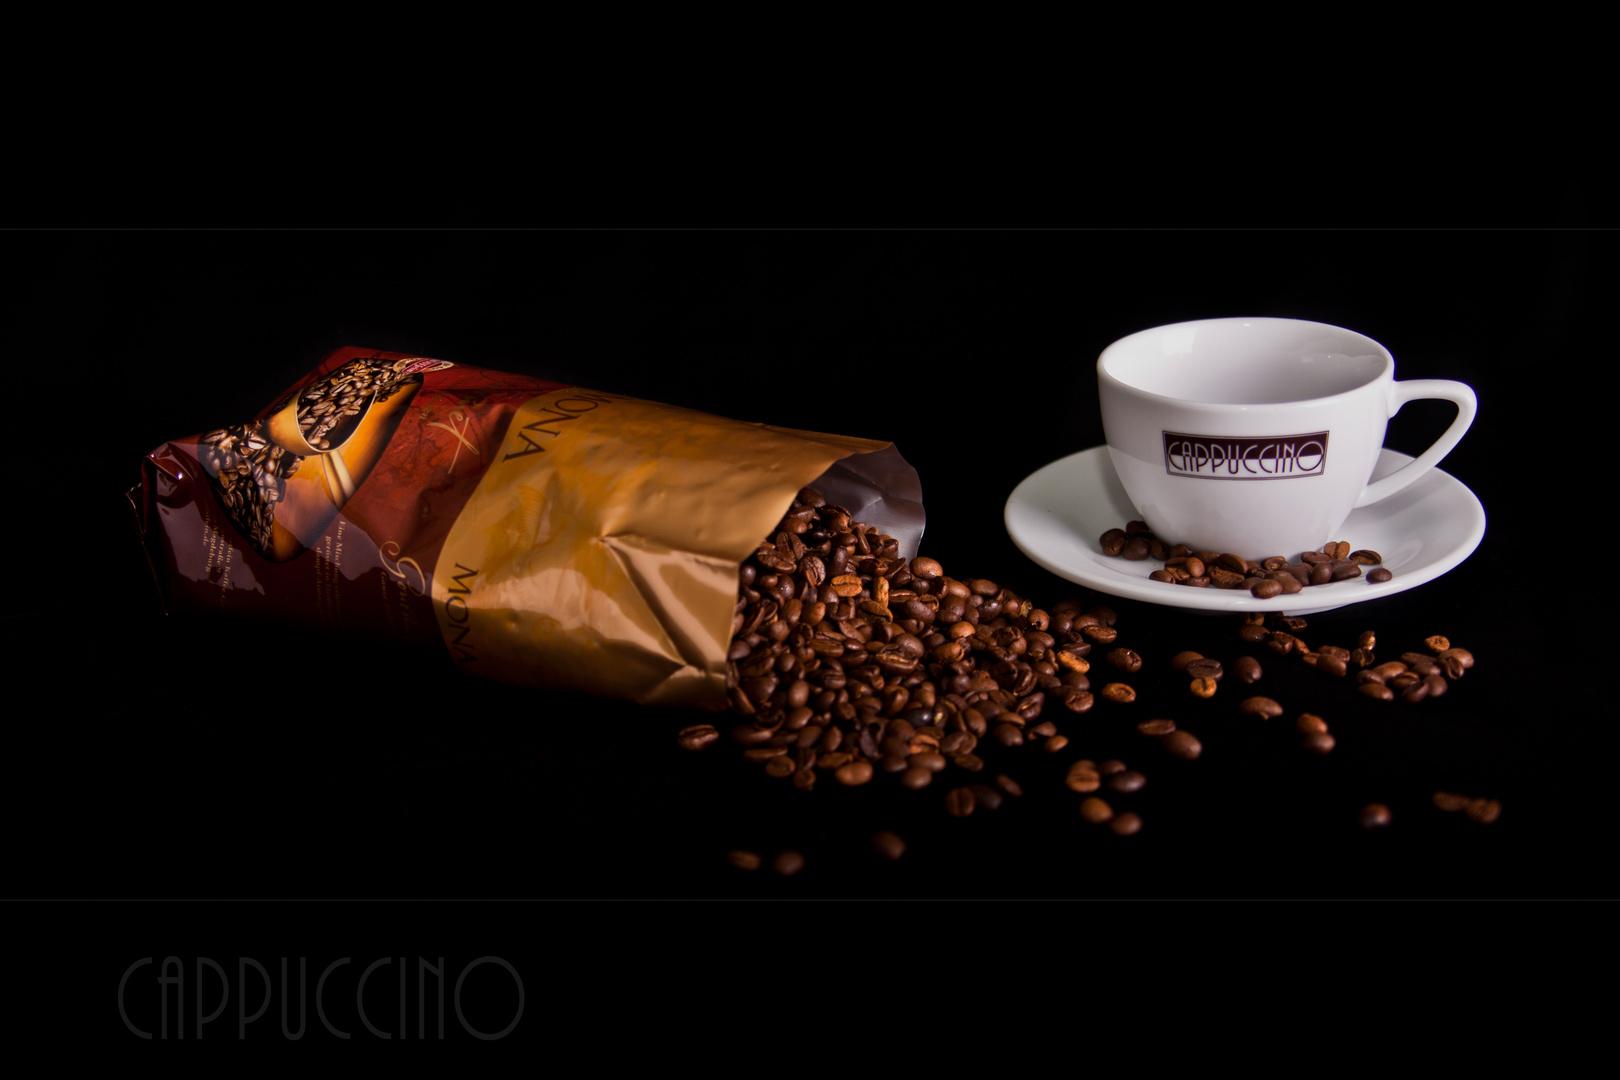 ~cappuccino~